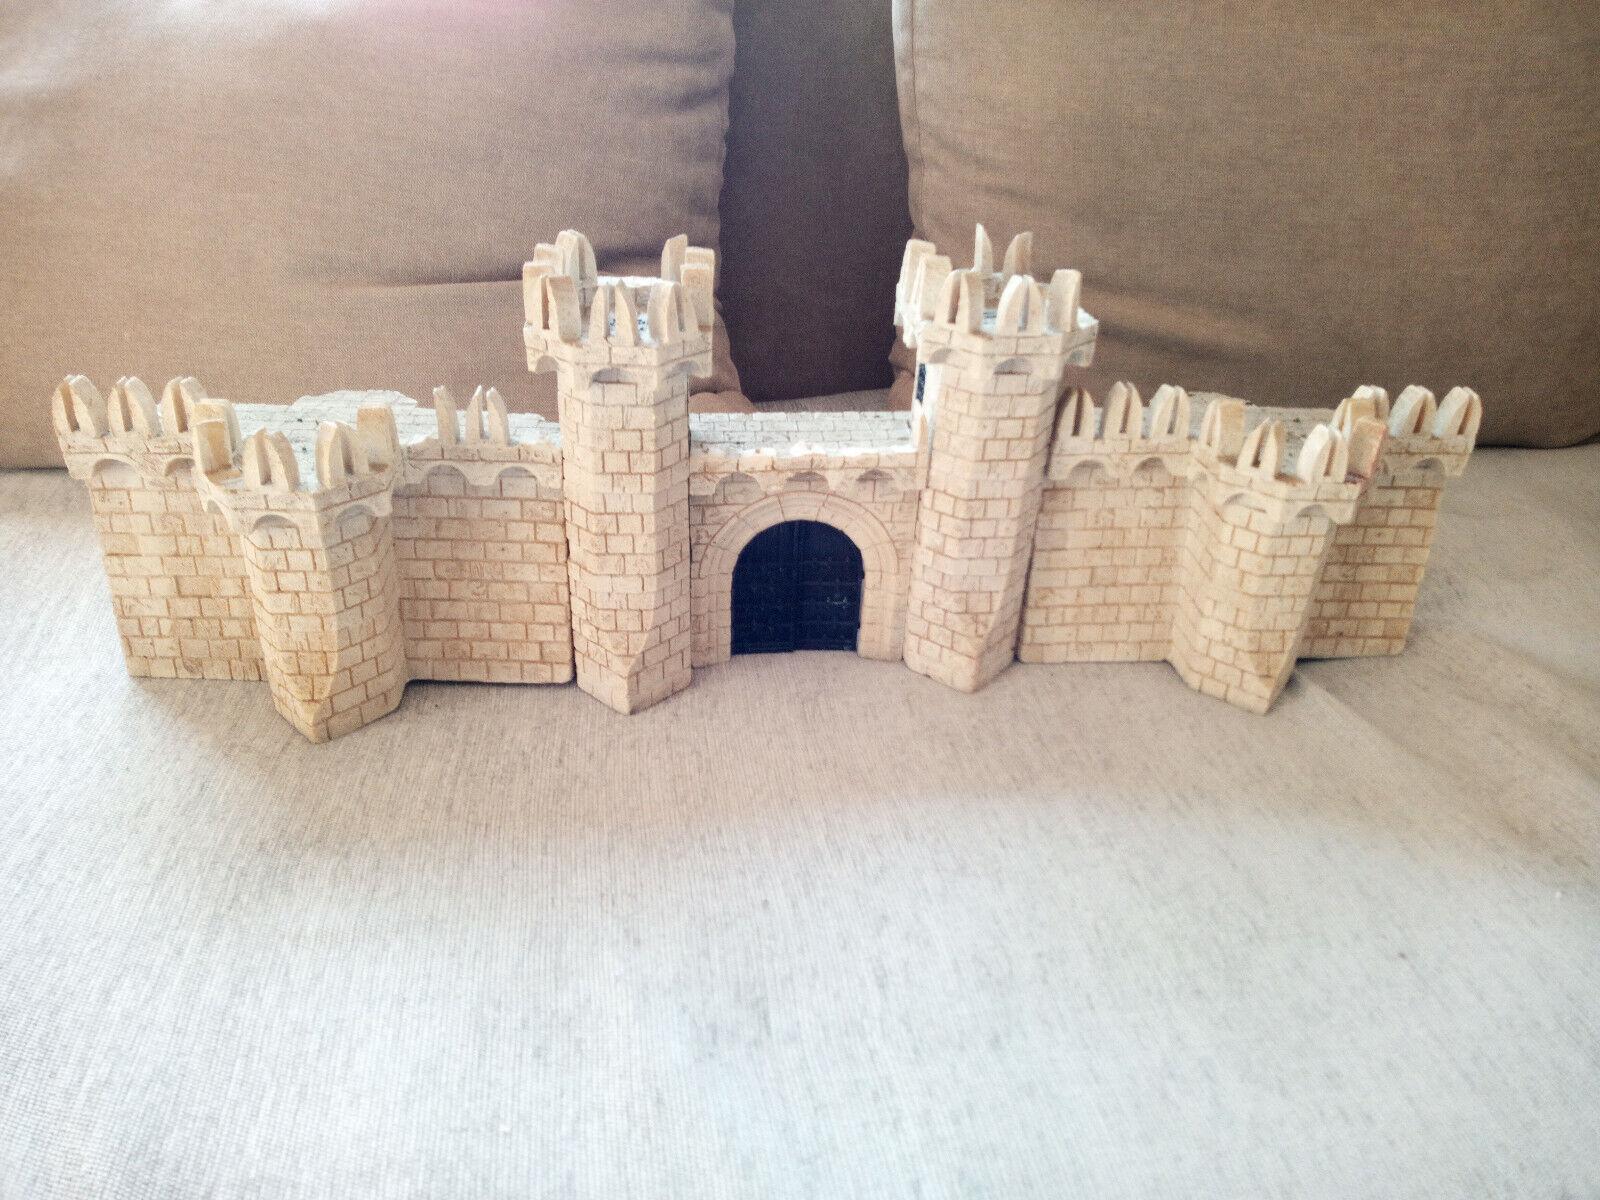 Juegos workshop señor de los anillos Minas Tirith muros del castillo terreno señor de los anillos